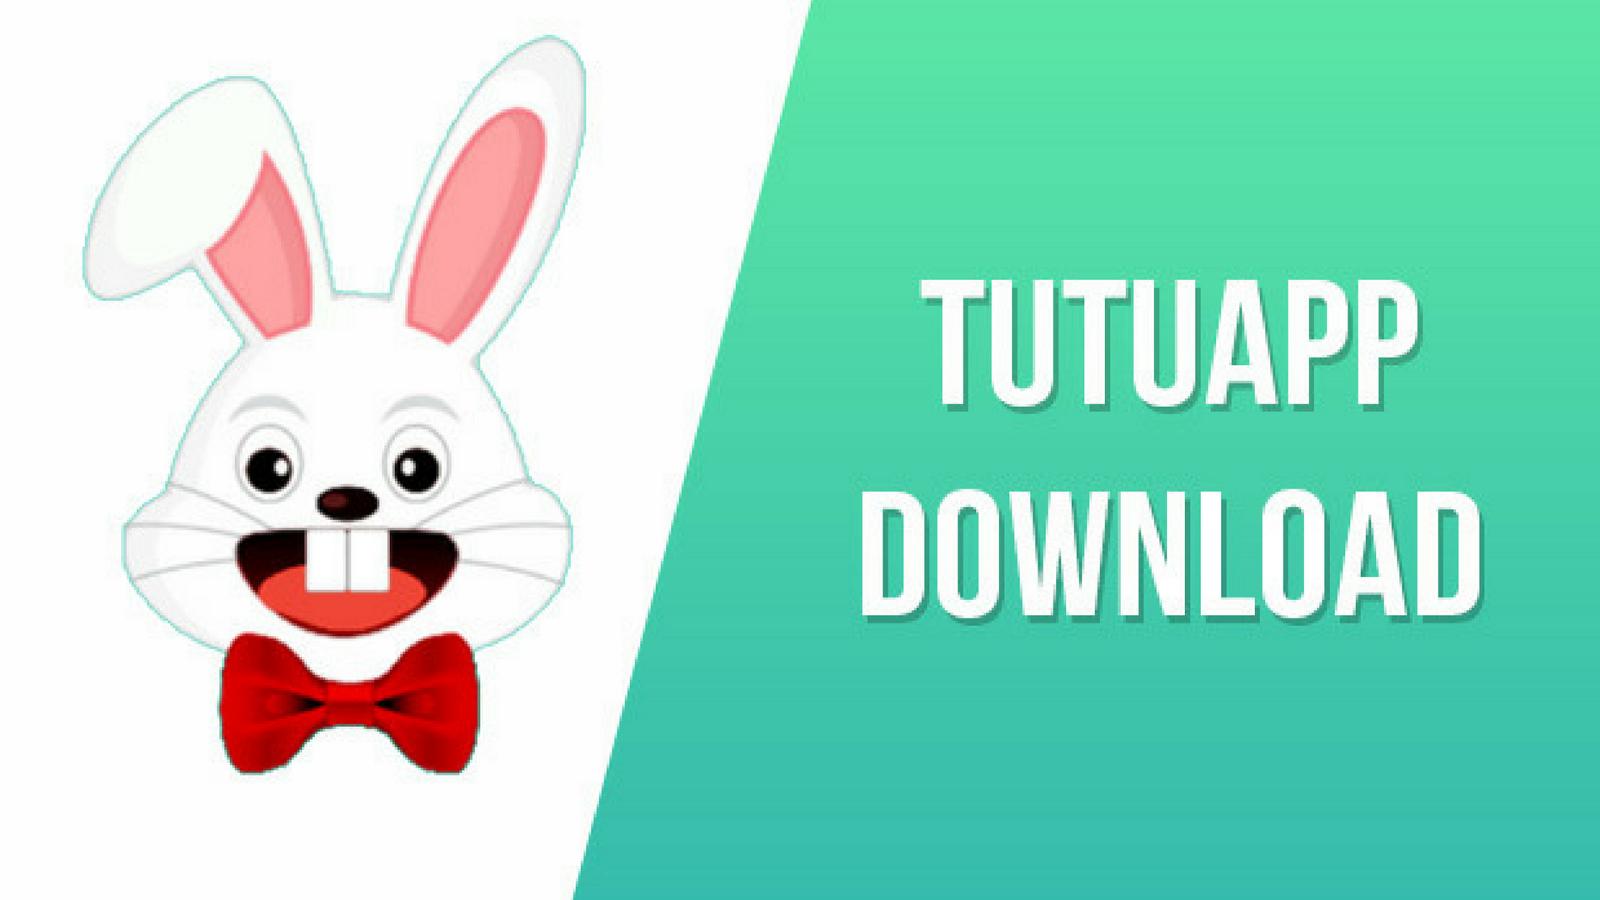 TuTuApp iOS 13 FREE Download! Install Tutu App Android APK